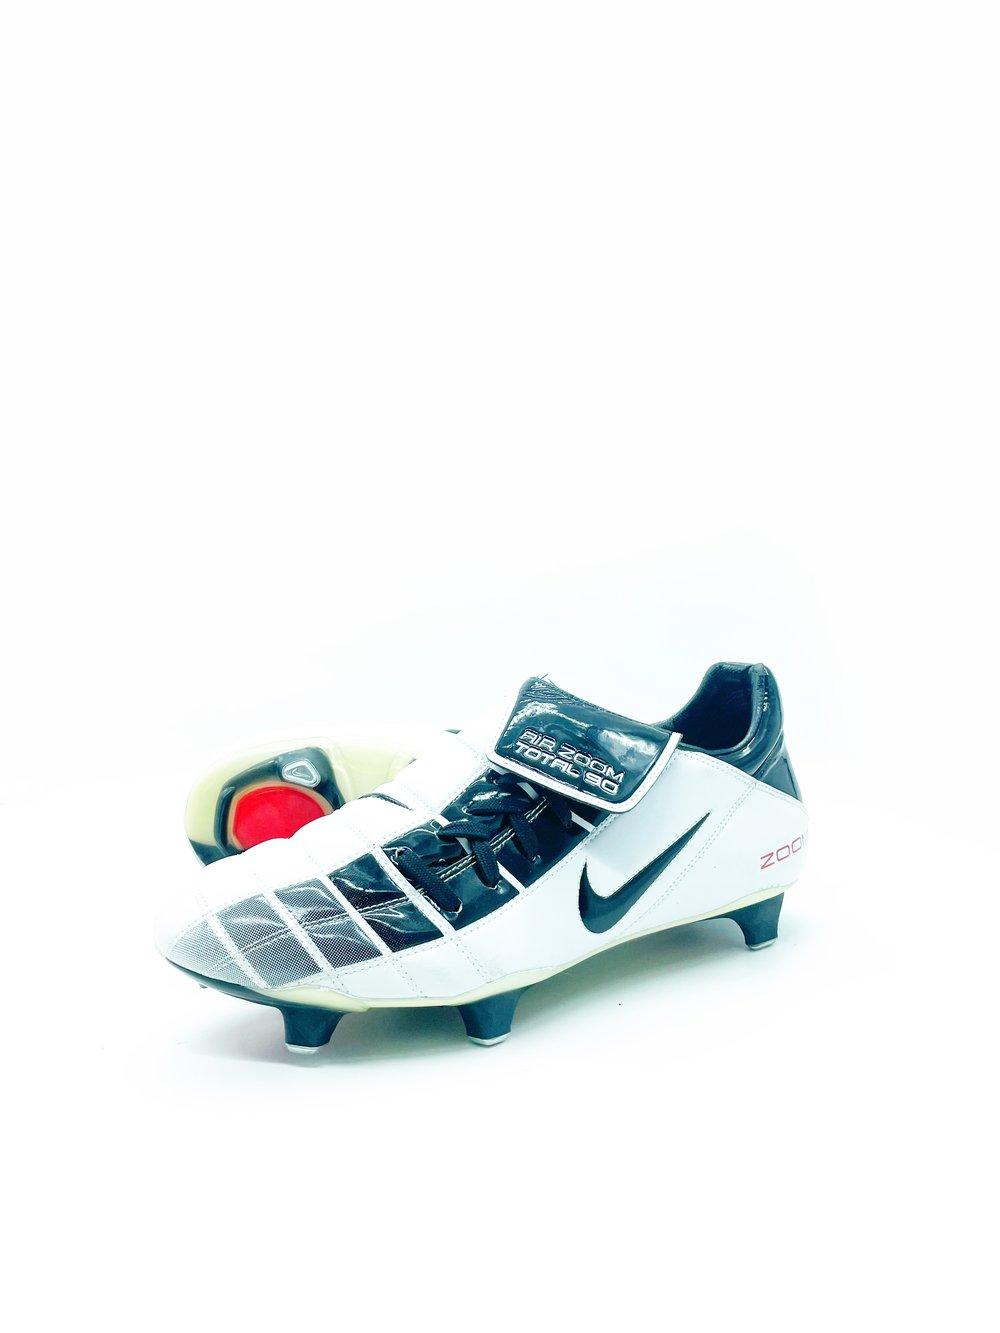 Image of Nike Air zoom total 90 II SG